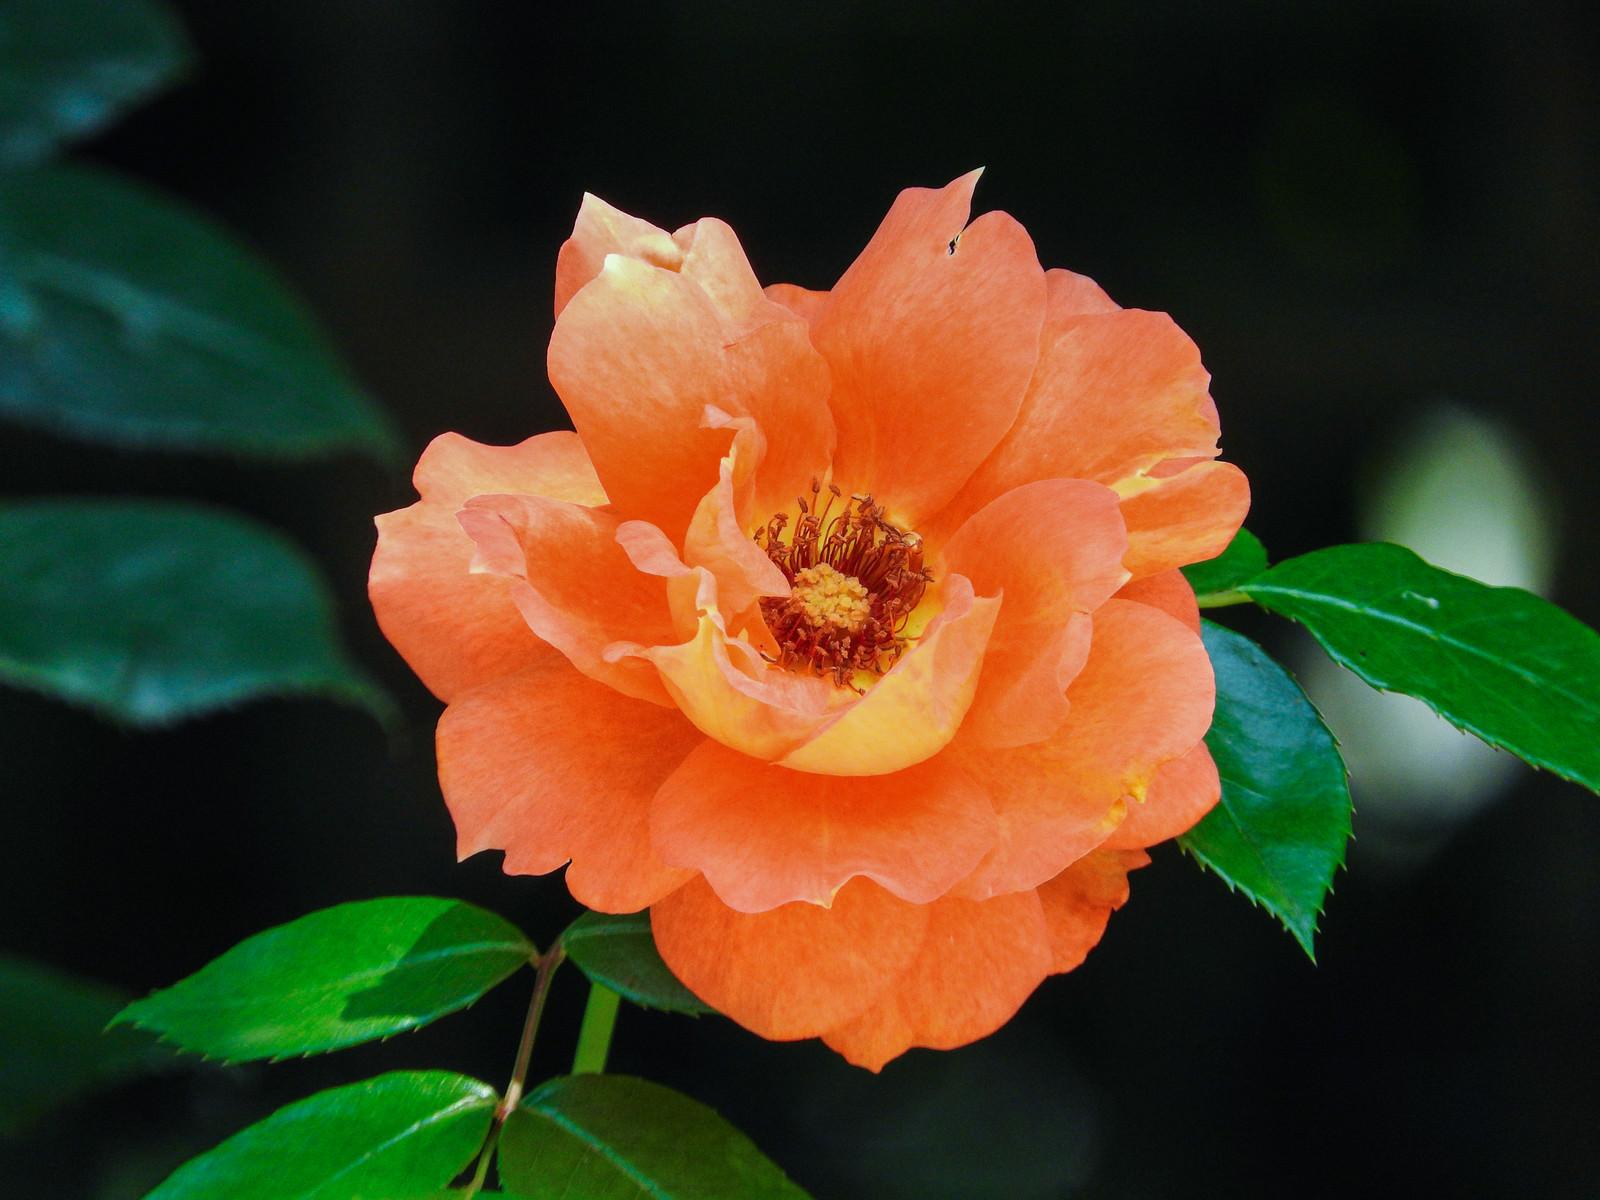 「オレンジ色の薔薇」の写真